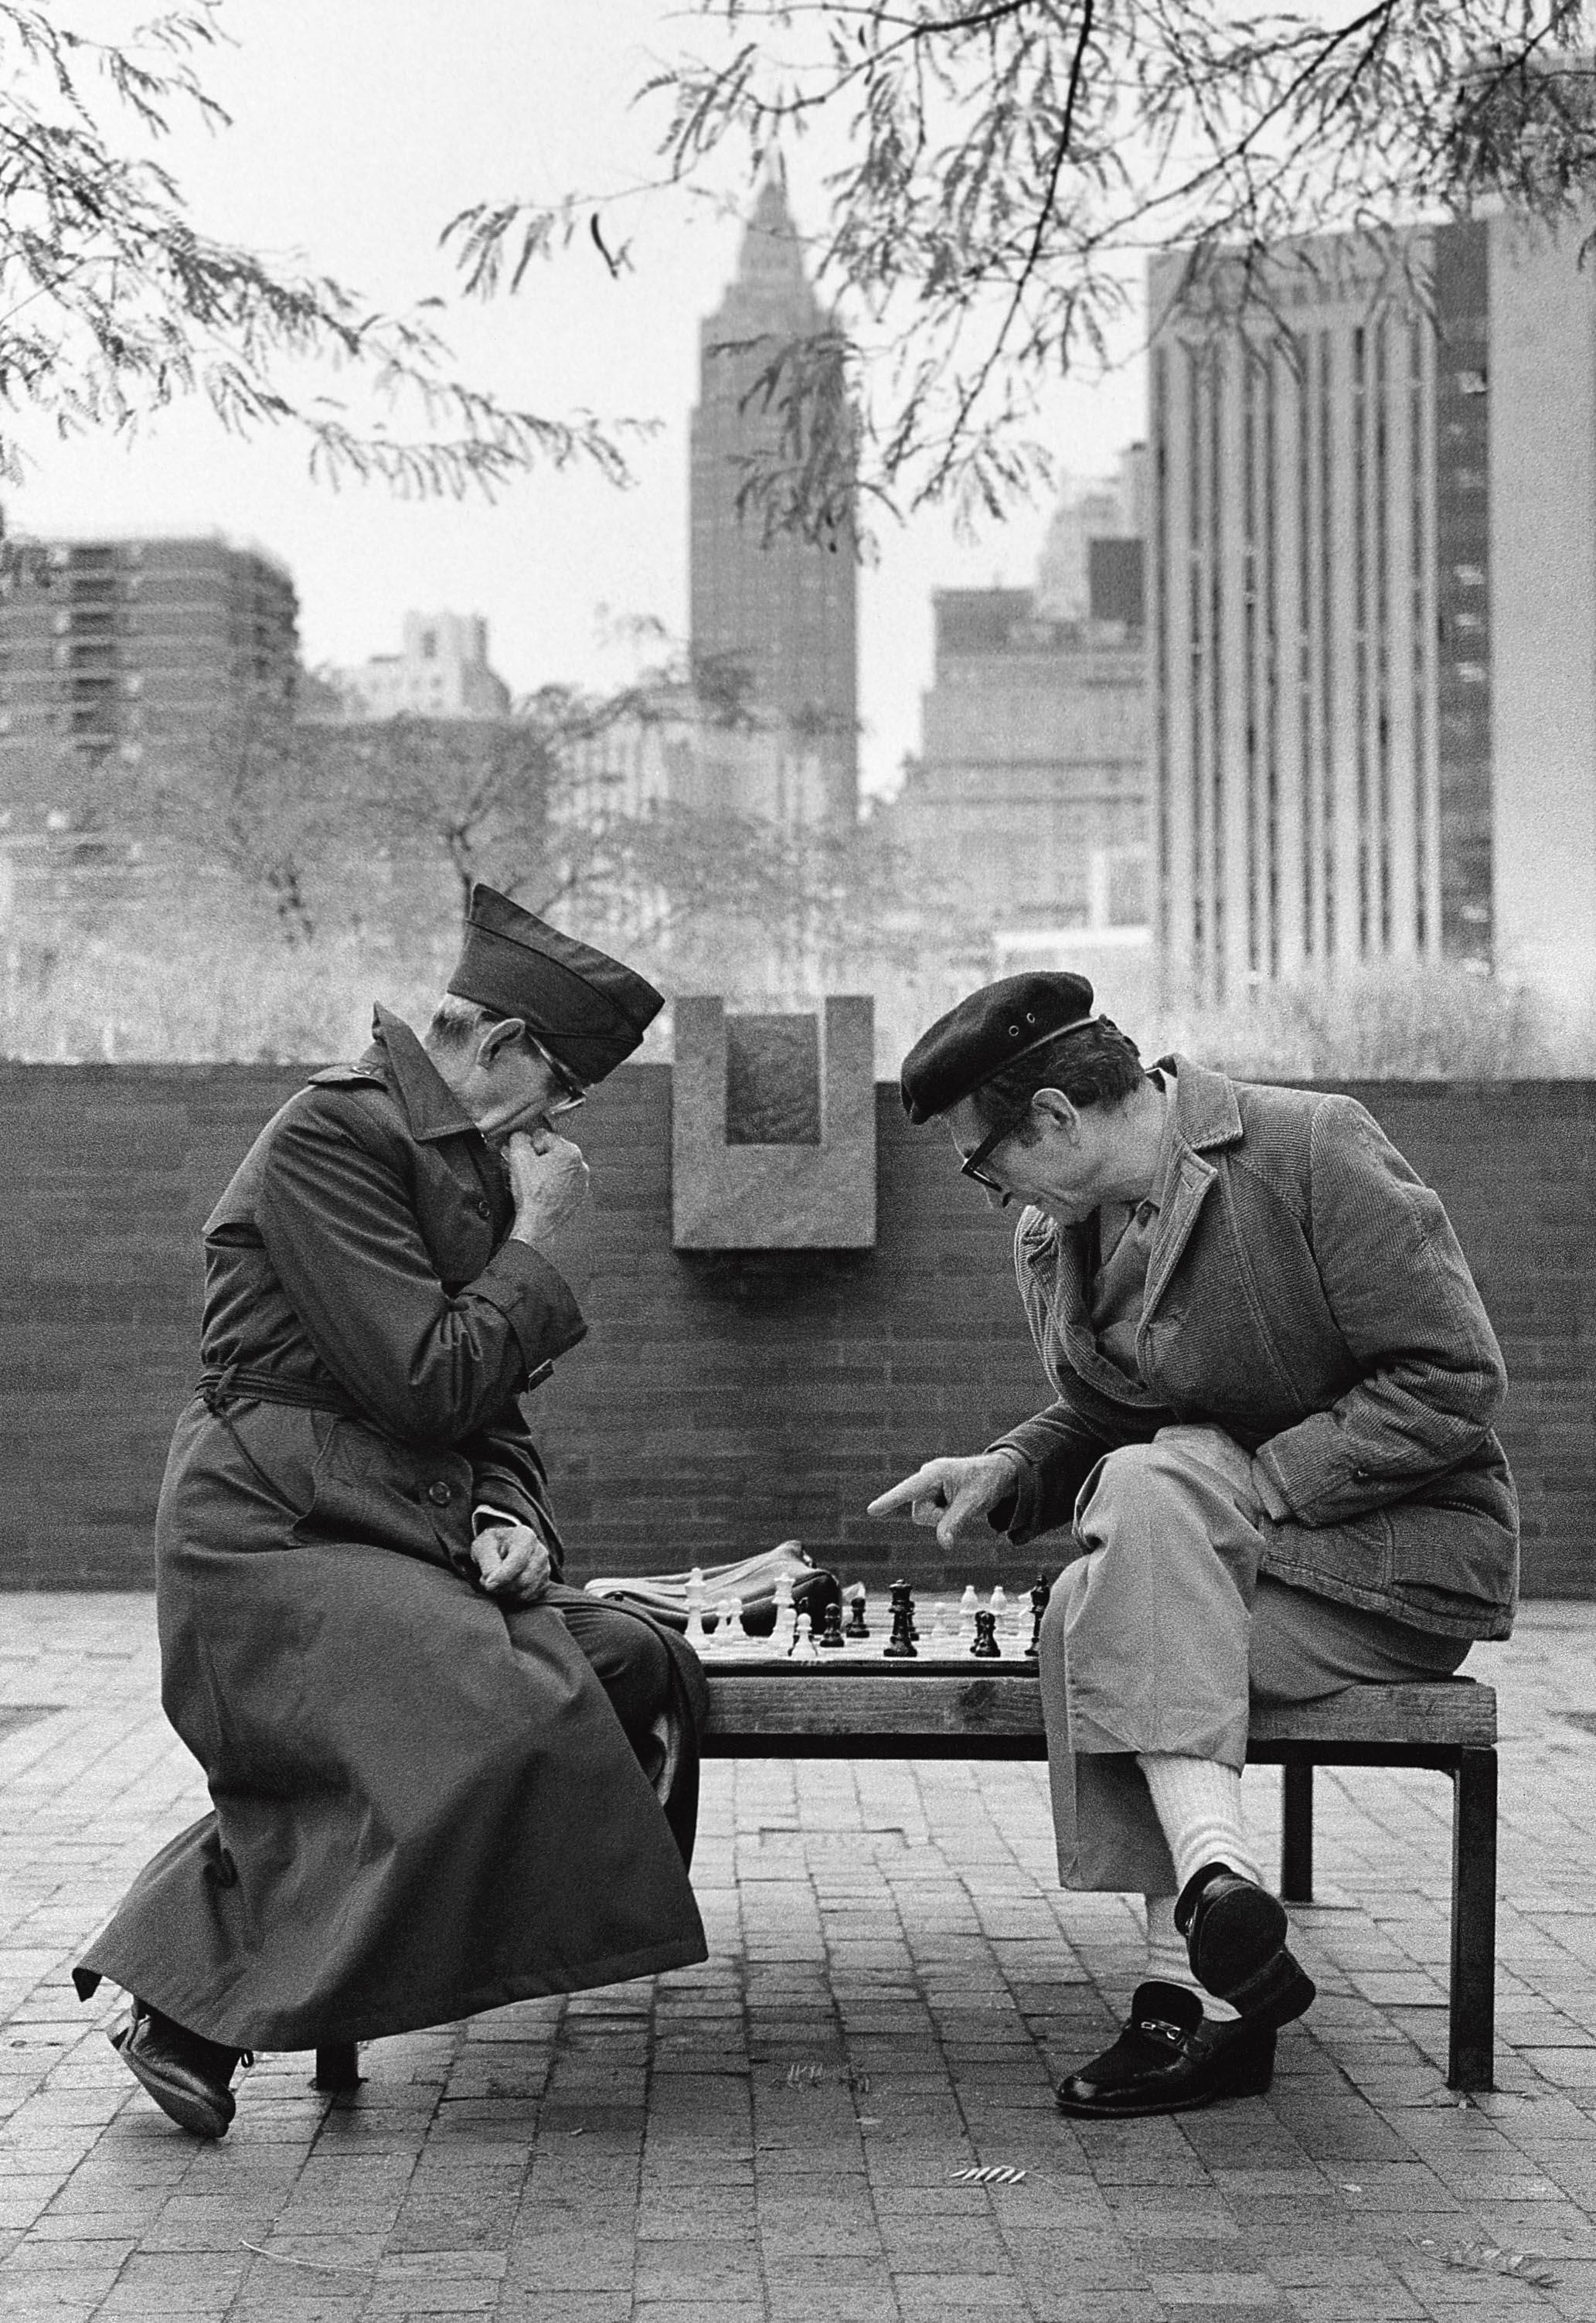 Les joueurs d'échecs, New York 1982